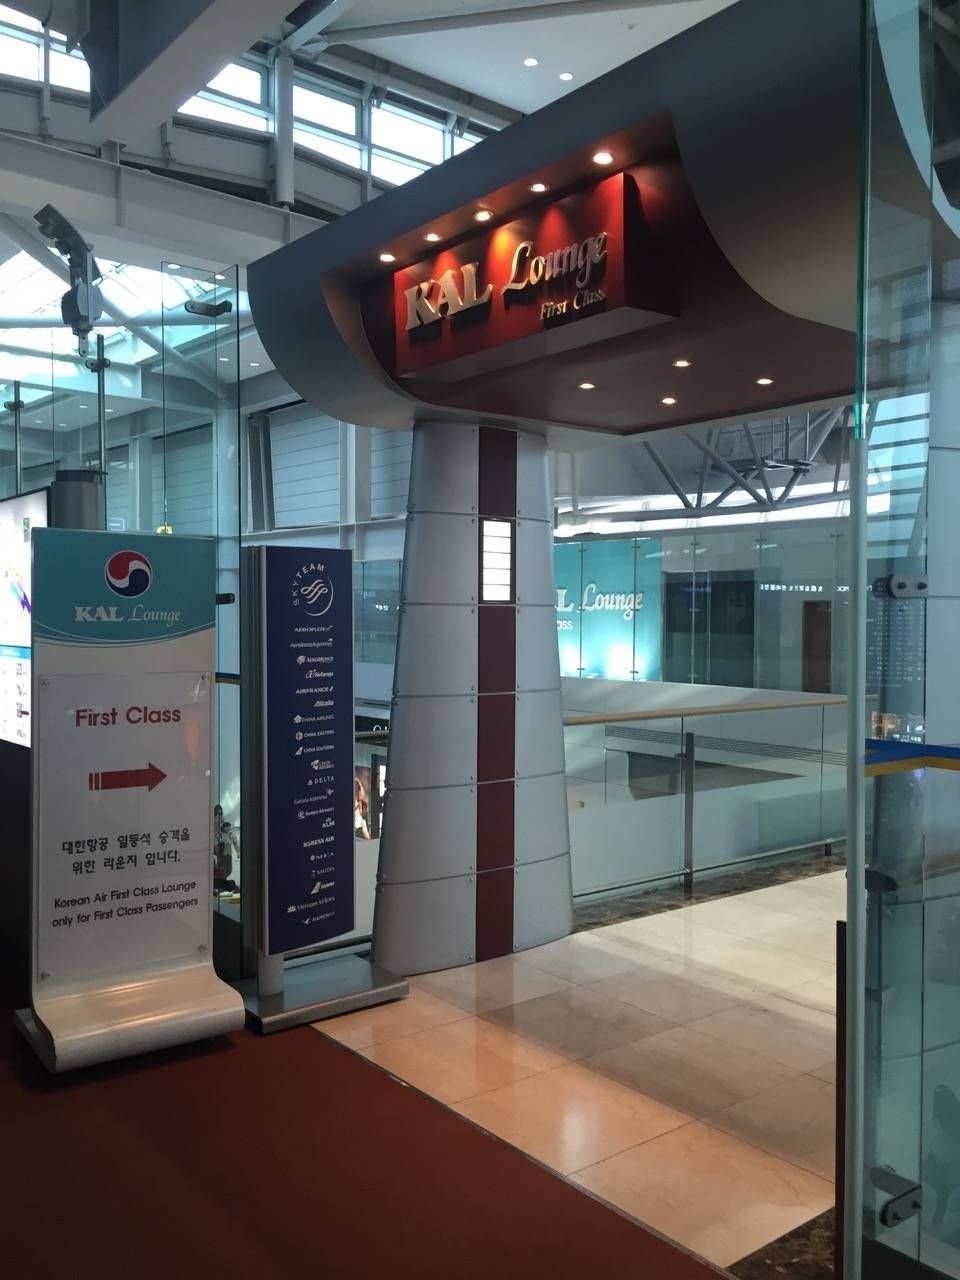 Korean Air First Class Lounge Seoul ICN-011